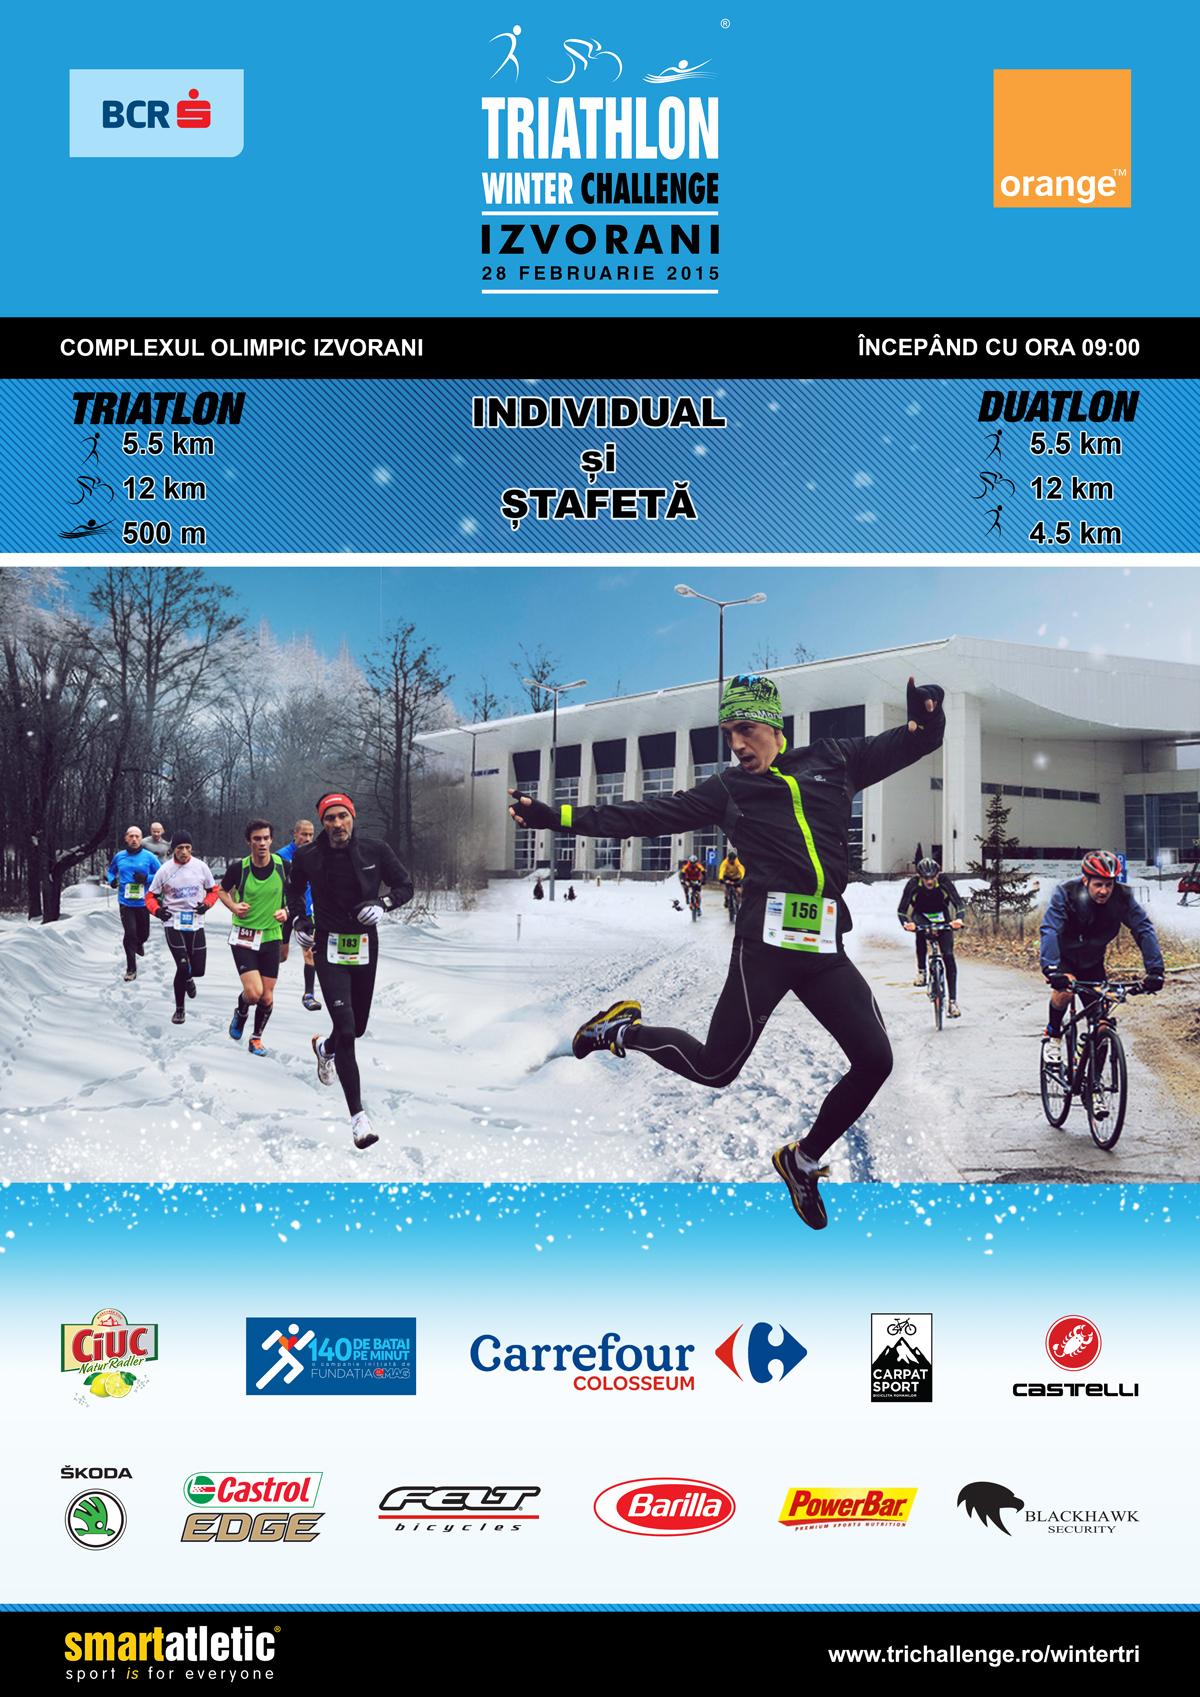 Participi la Winter Tri mâine? Poți câștiga un abonament la CrossFit!